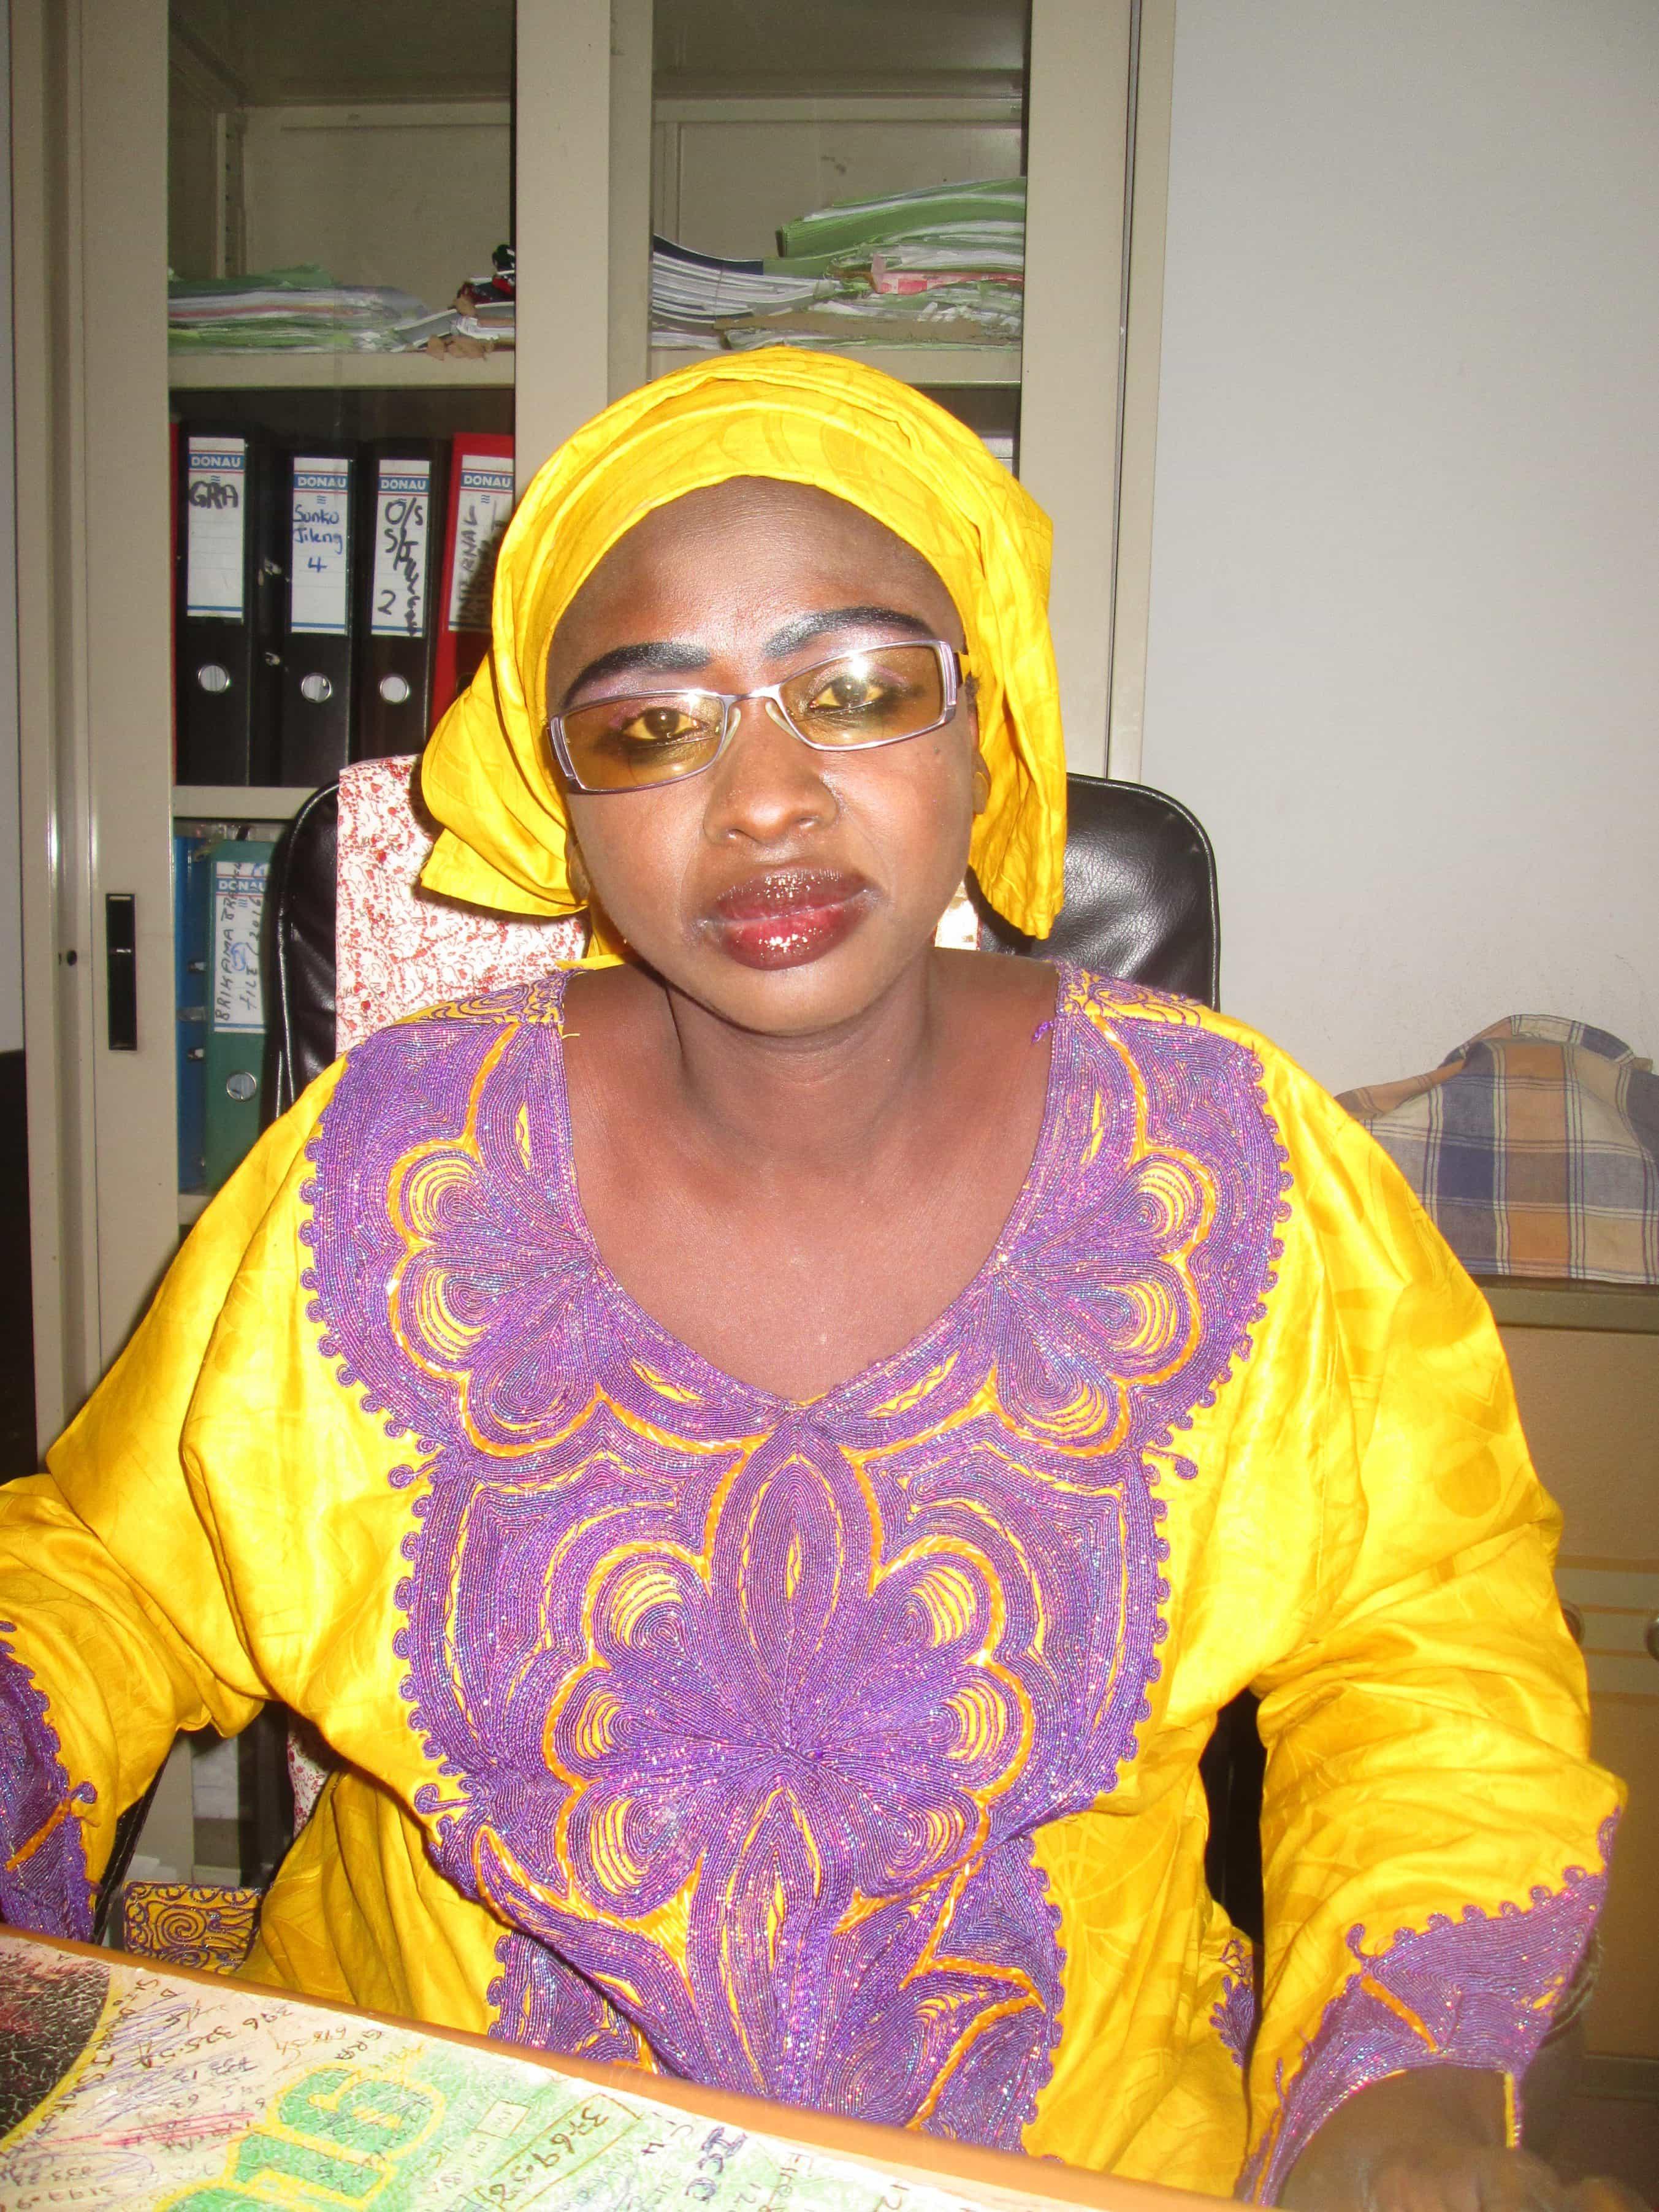 Picture of Fatou Krubally